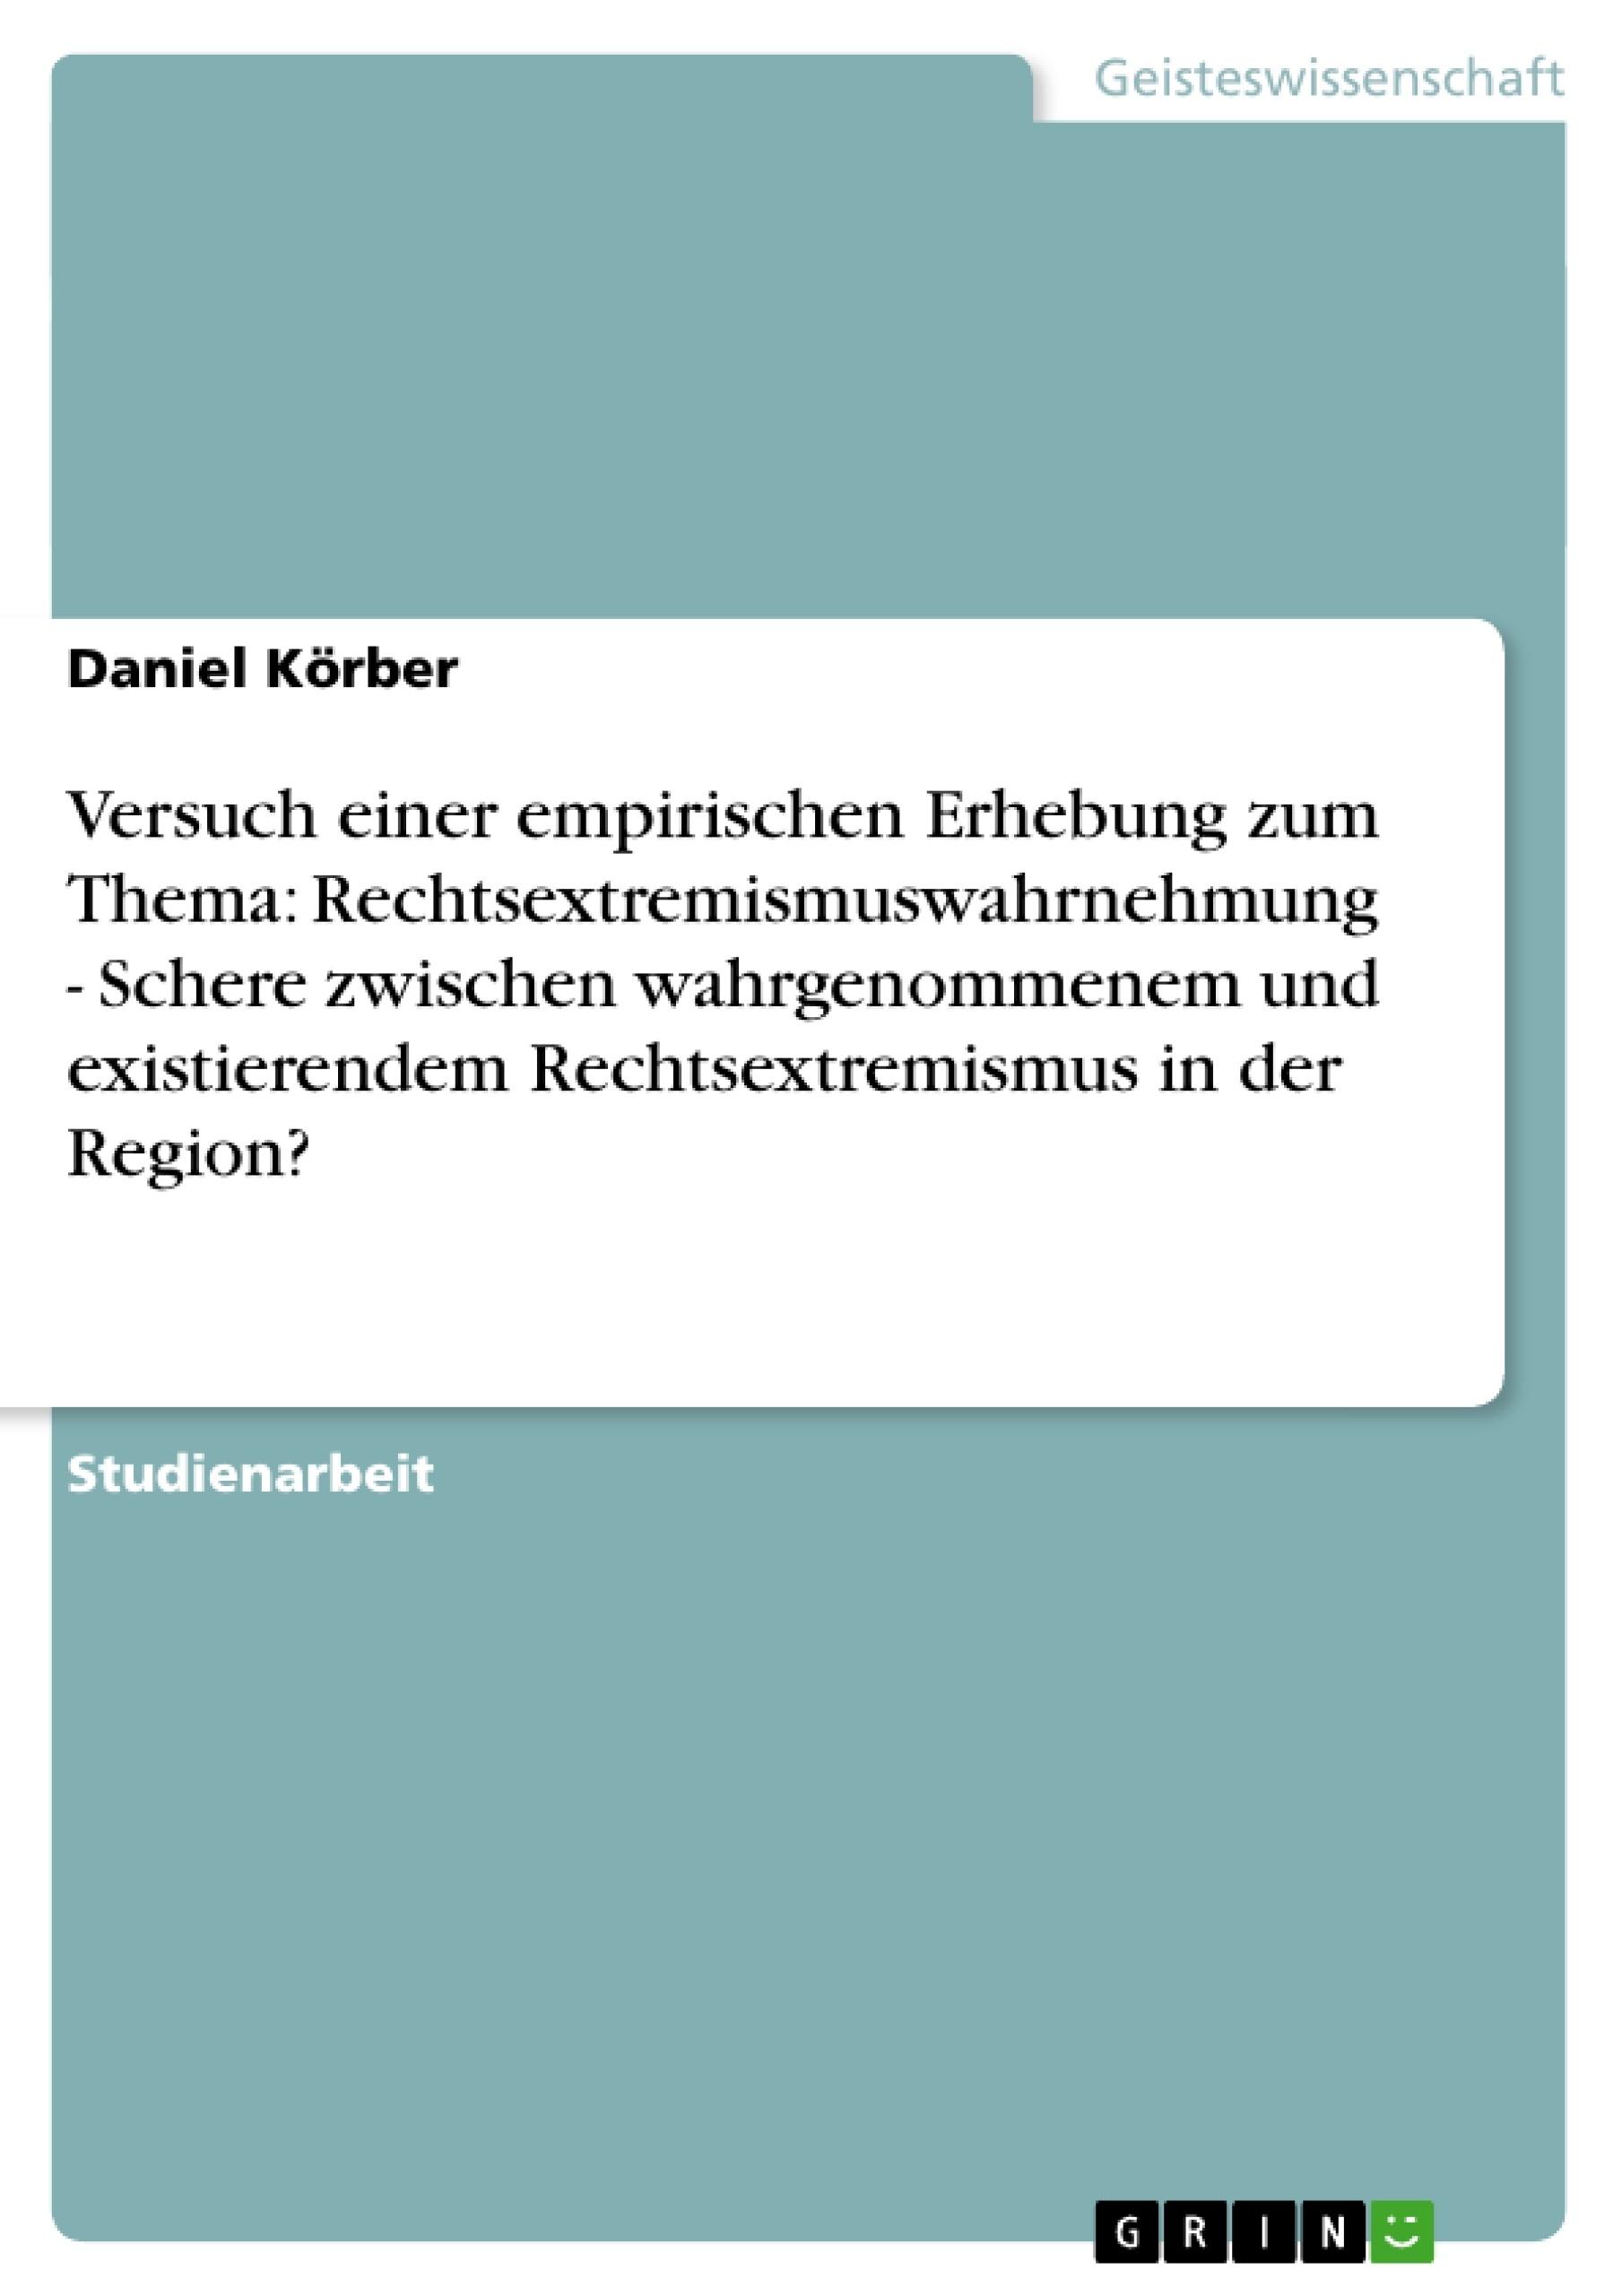 Titel: Versuch einer empirischen Erhebung zum Thema: Rechtsextremismuswahrnehmung - Schere zwischen wahrgenommenem und existierendem Rechtsextremismus in der Region?